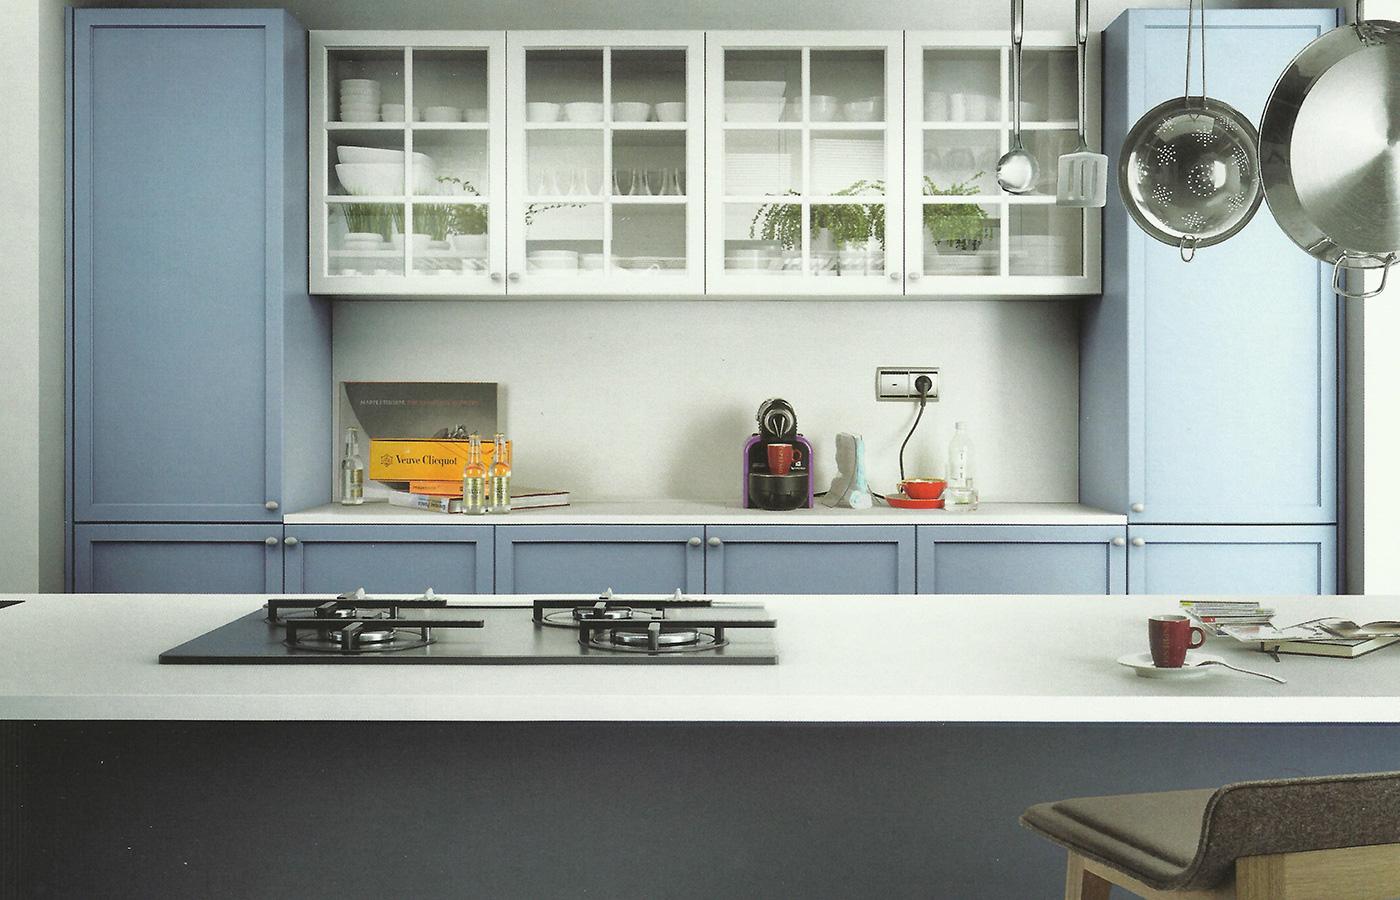 Cocinas clásicas y rústicas. Muebles de cocina de diseño clásico.